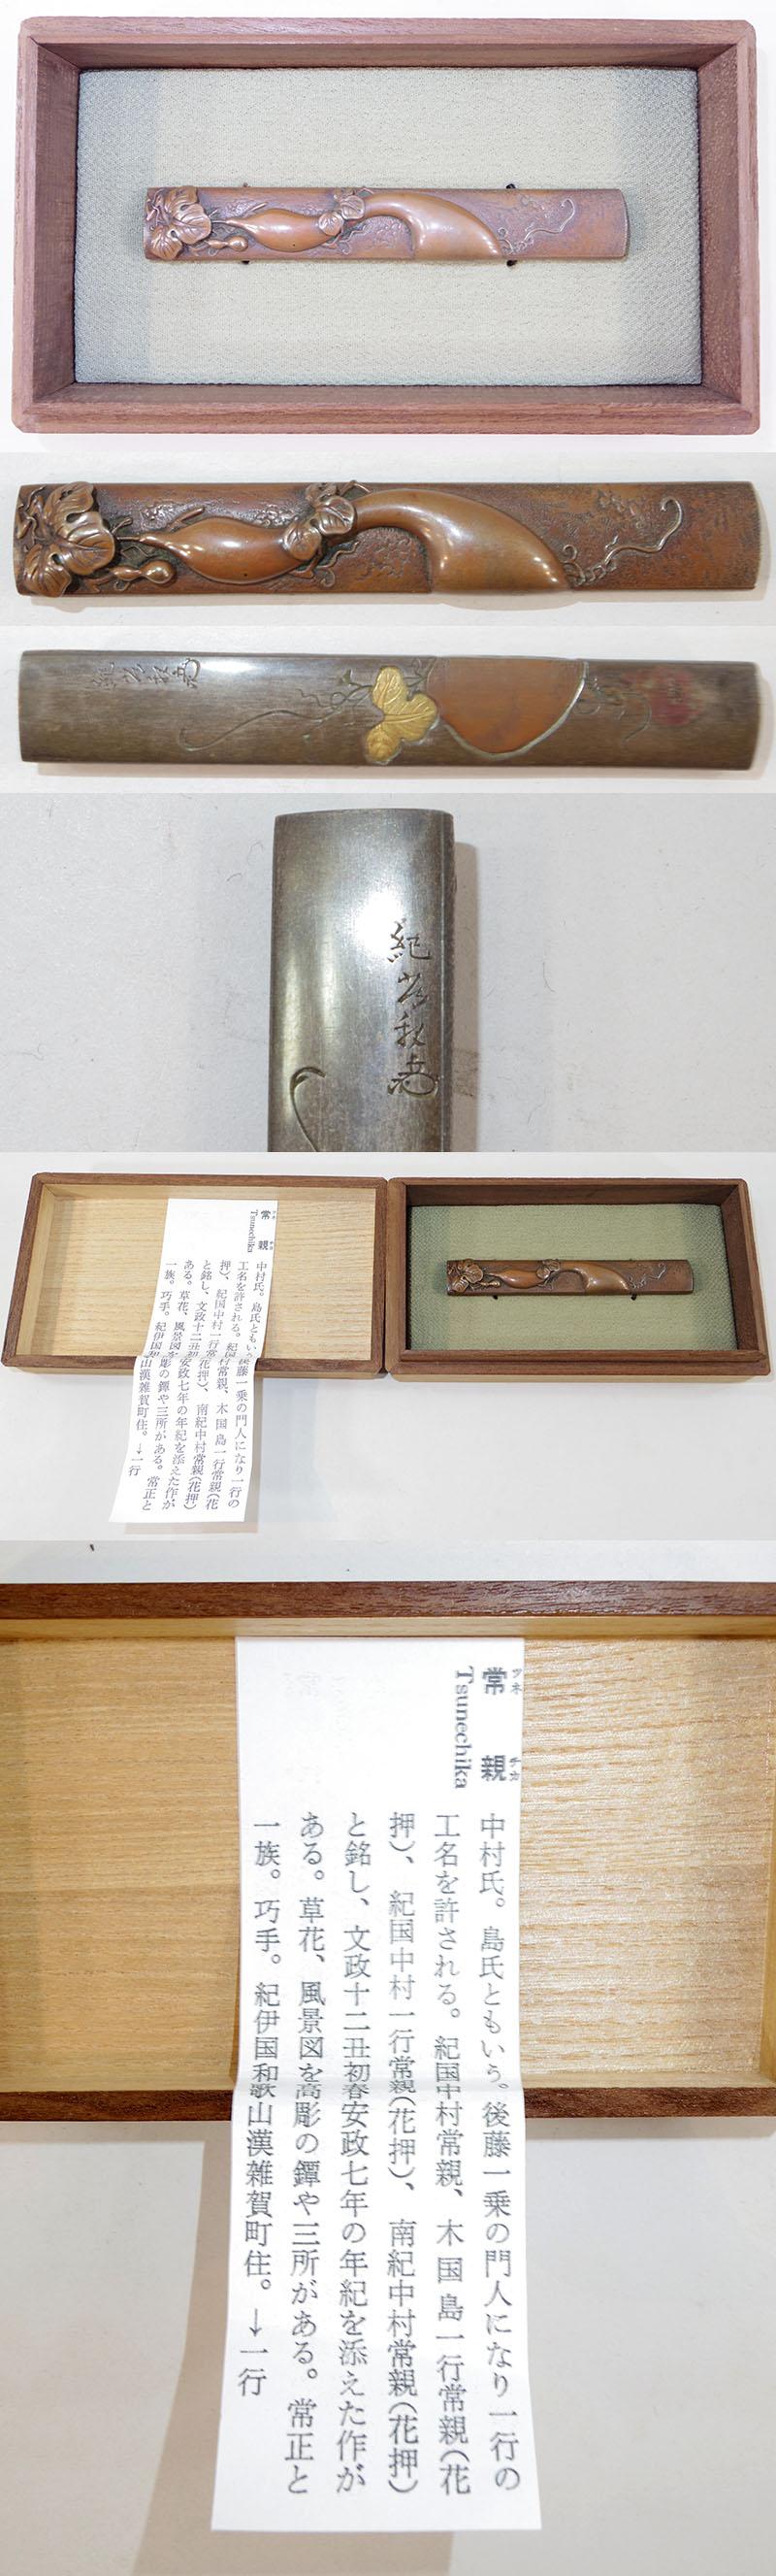 瓢箪図小柄 紀常親(花押) (中村一行) (後藤一乗の弟子) Picture of parts